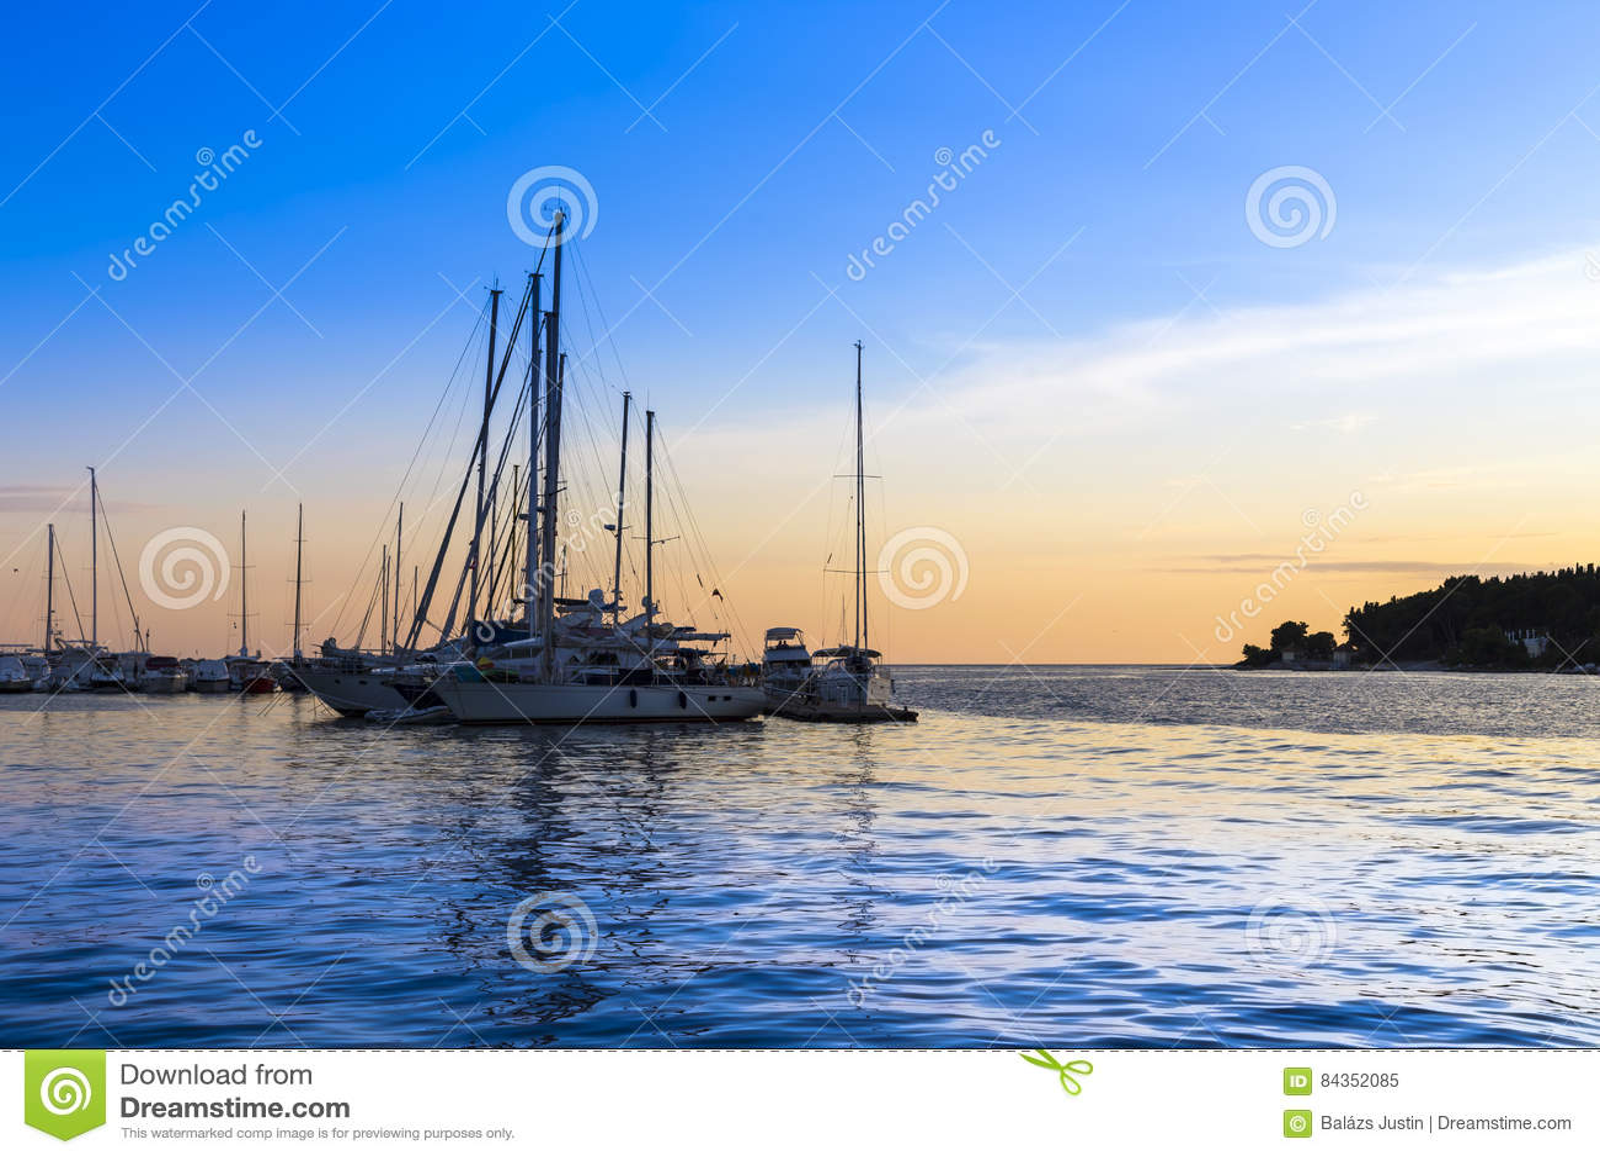 Segelschiffe auf dem meer  Segelschiffe In Meer Bei Sonnenuntergang Stockbild - Bild von pier ...